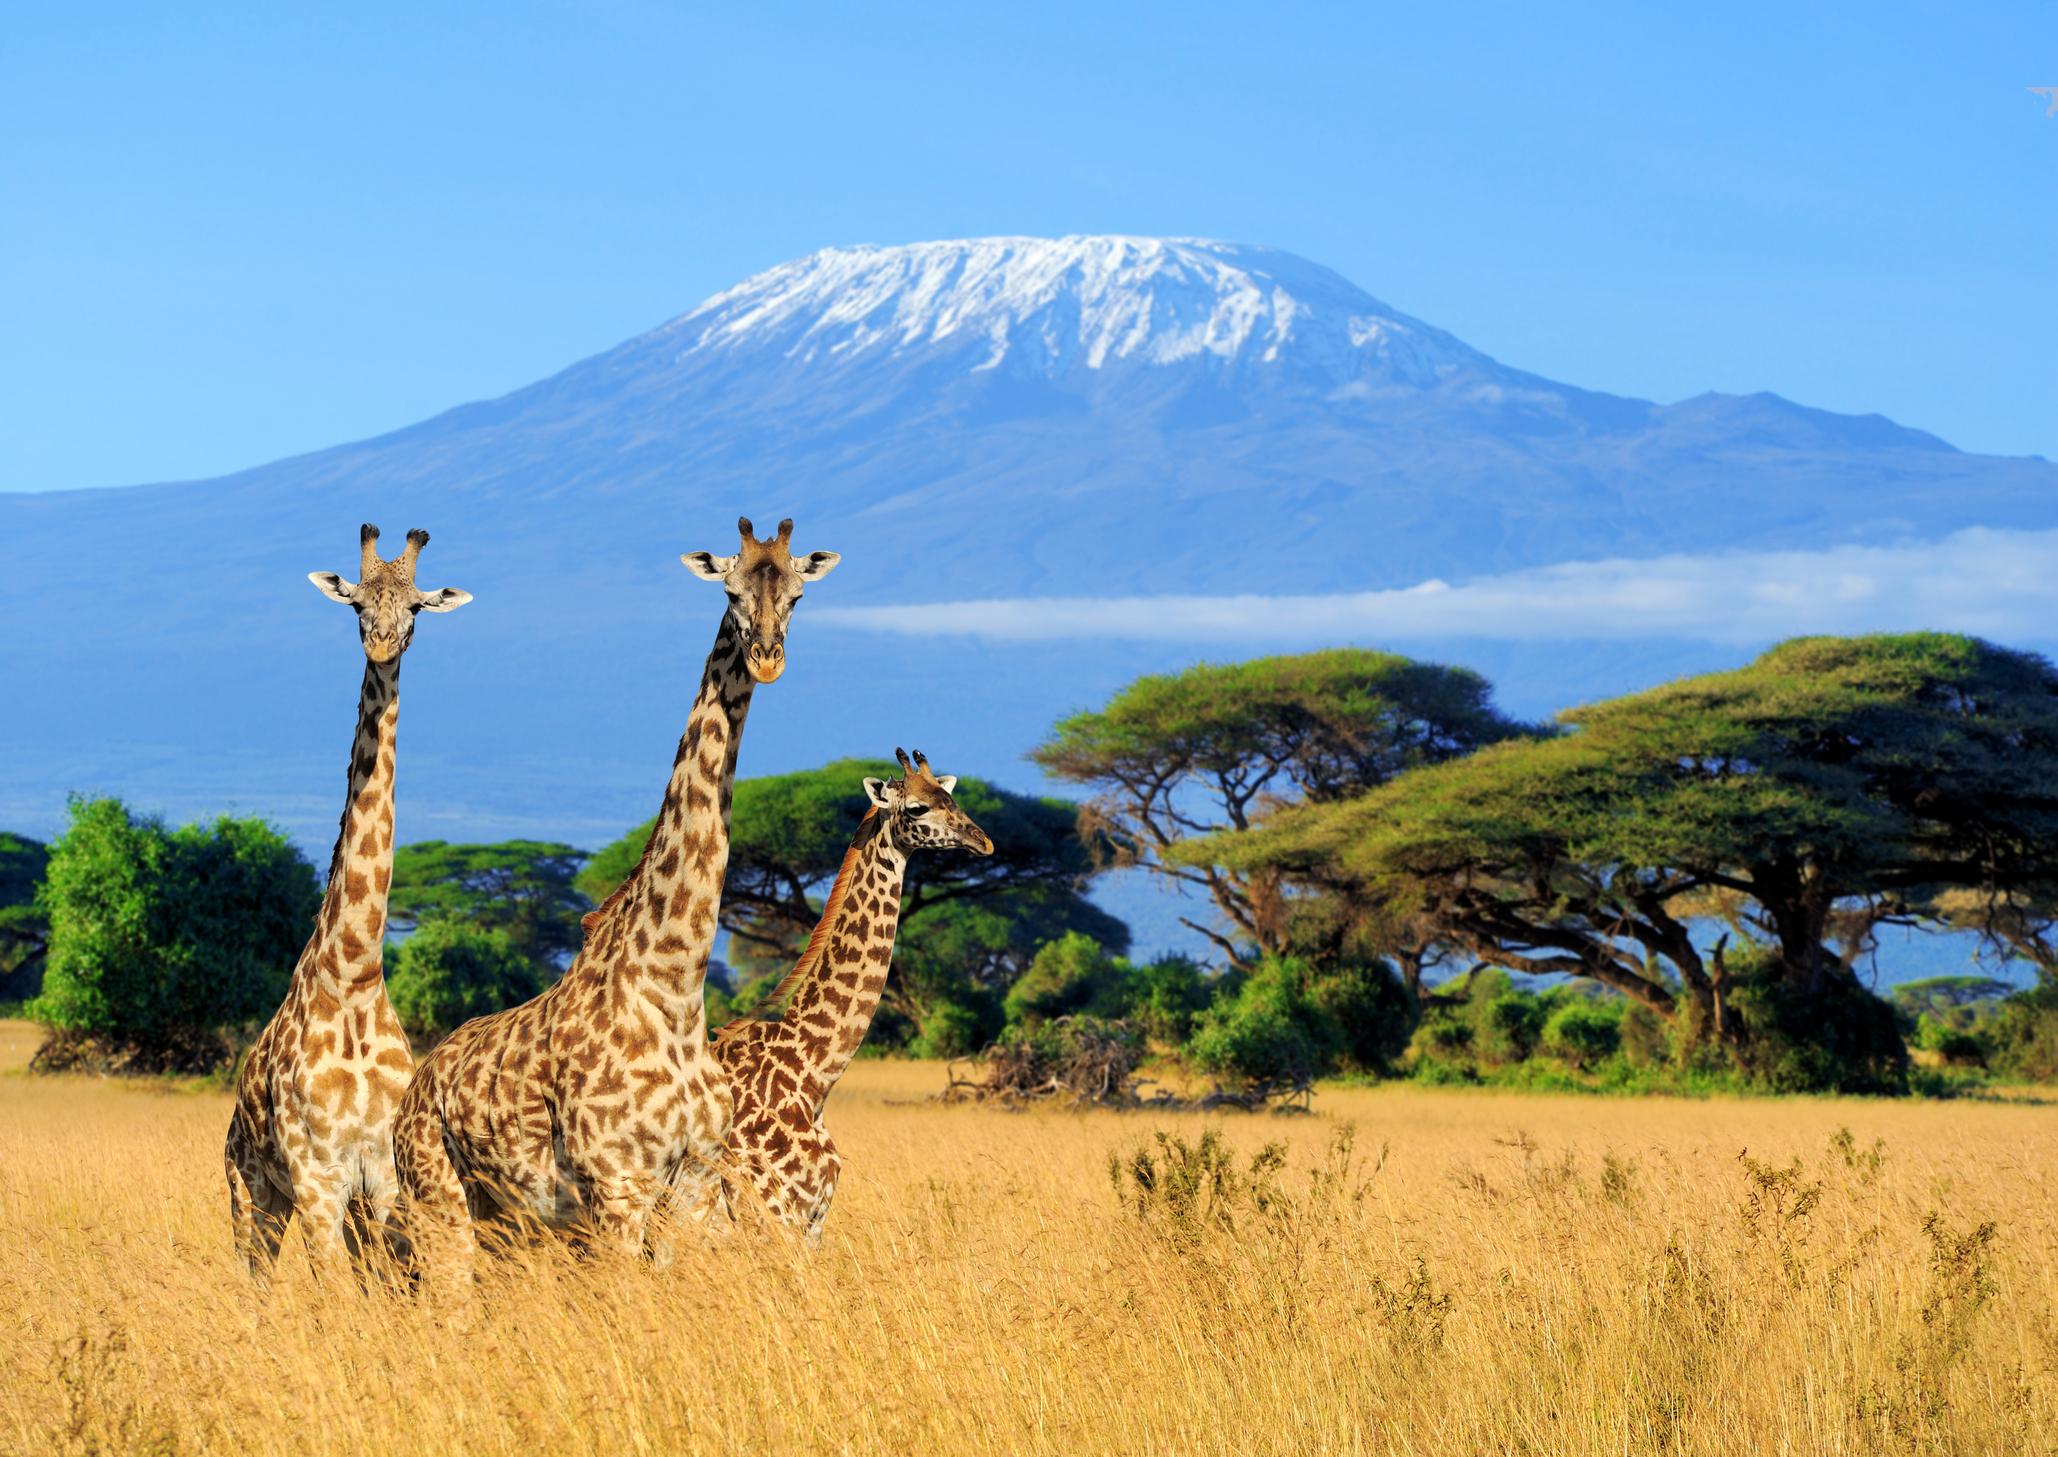 climb-mount-kilimanjaro-machame-route